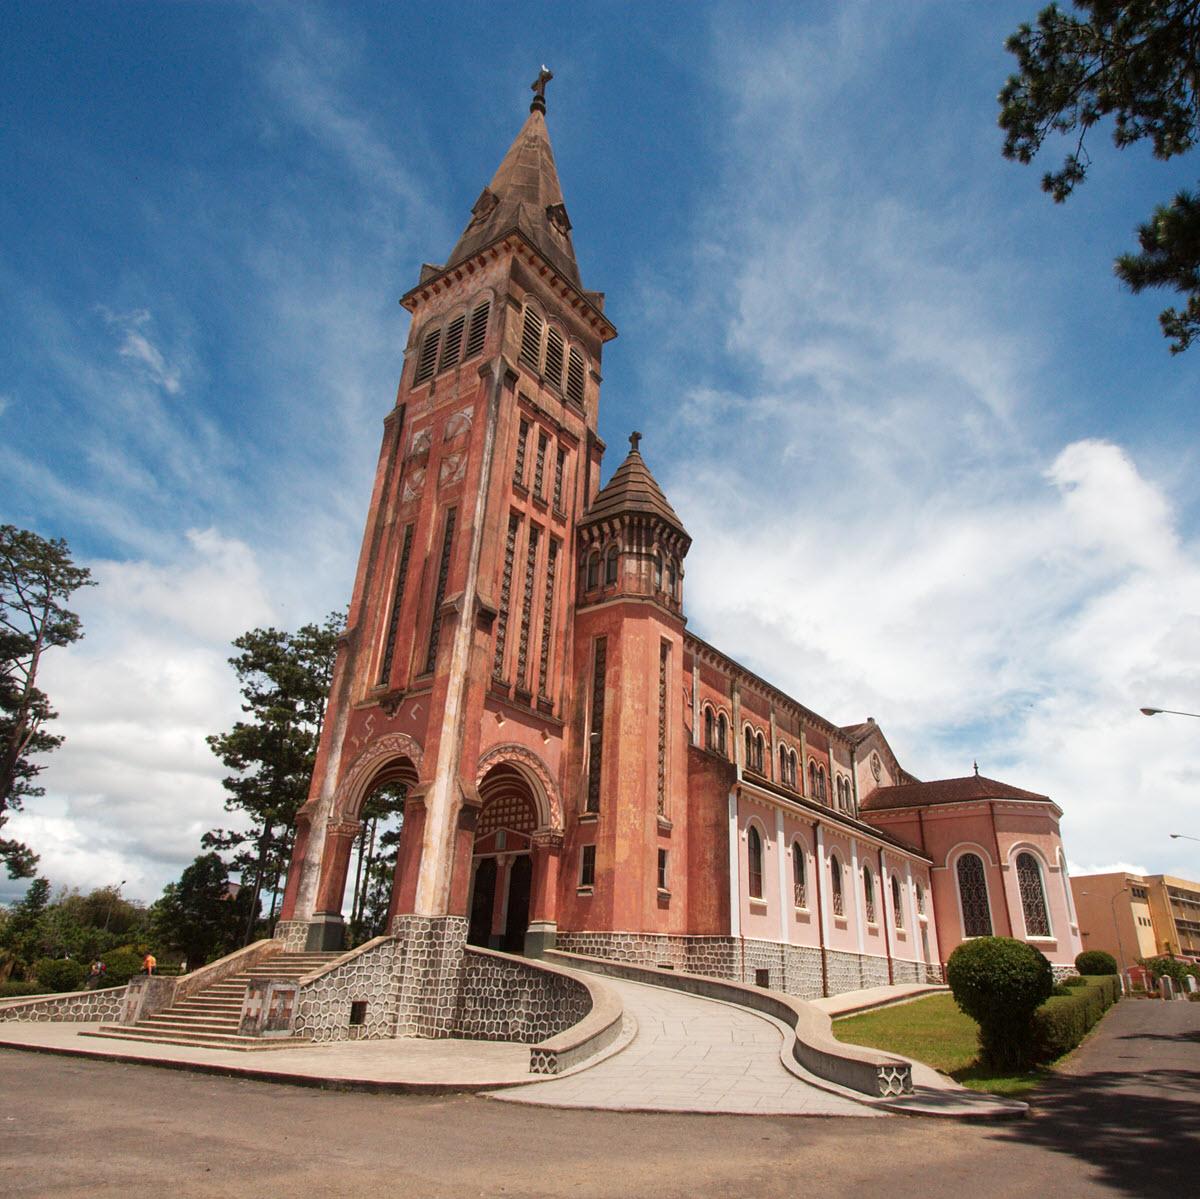 Hình ảnh nhà thờ chính tòa Đà lạt